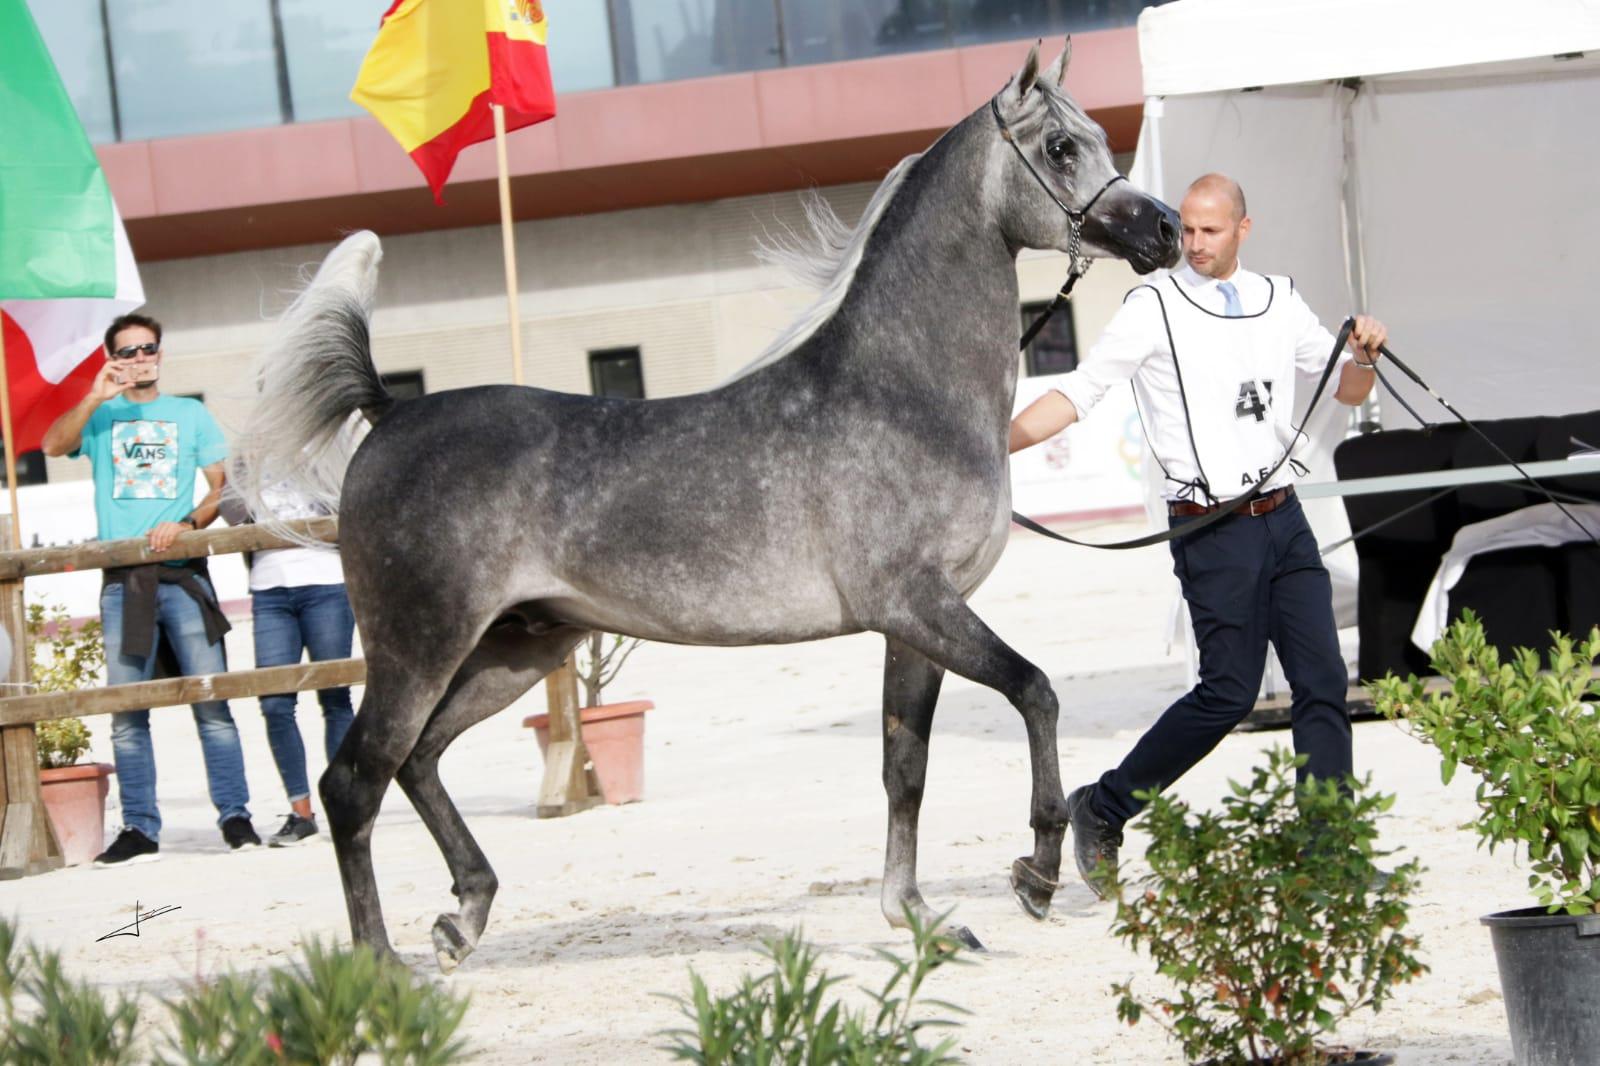 caballo árabe campeon españa sementales 2018 izan al cape